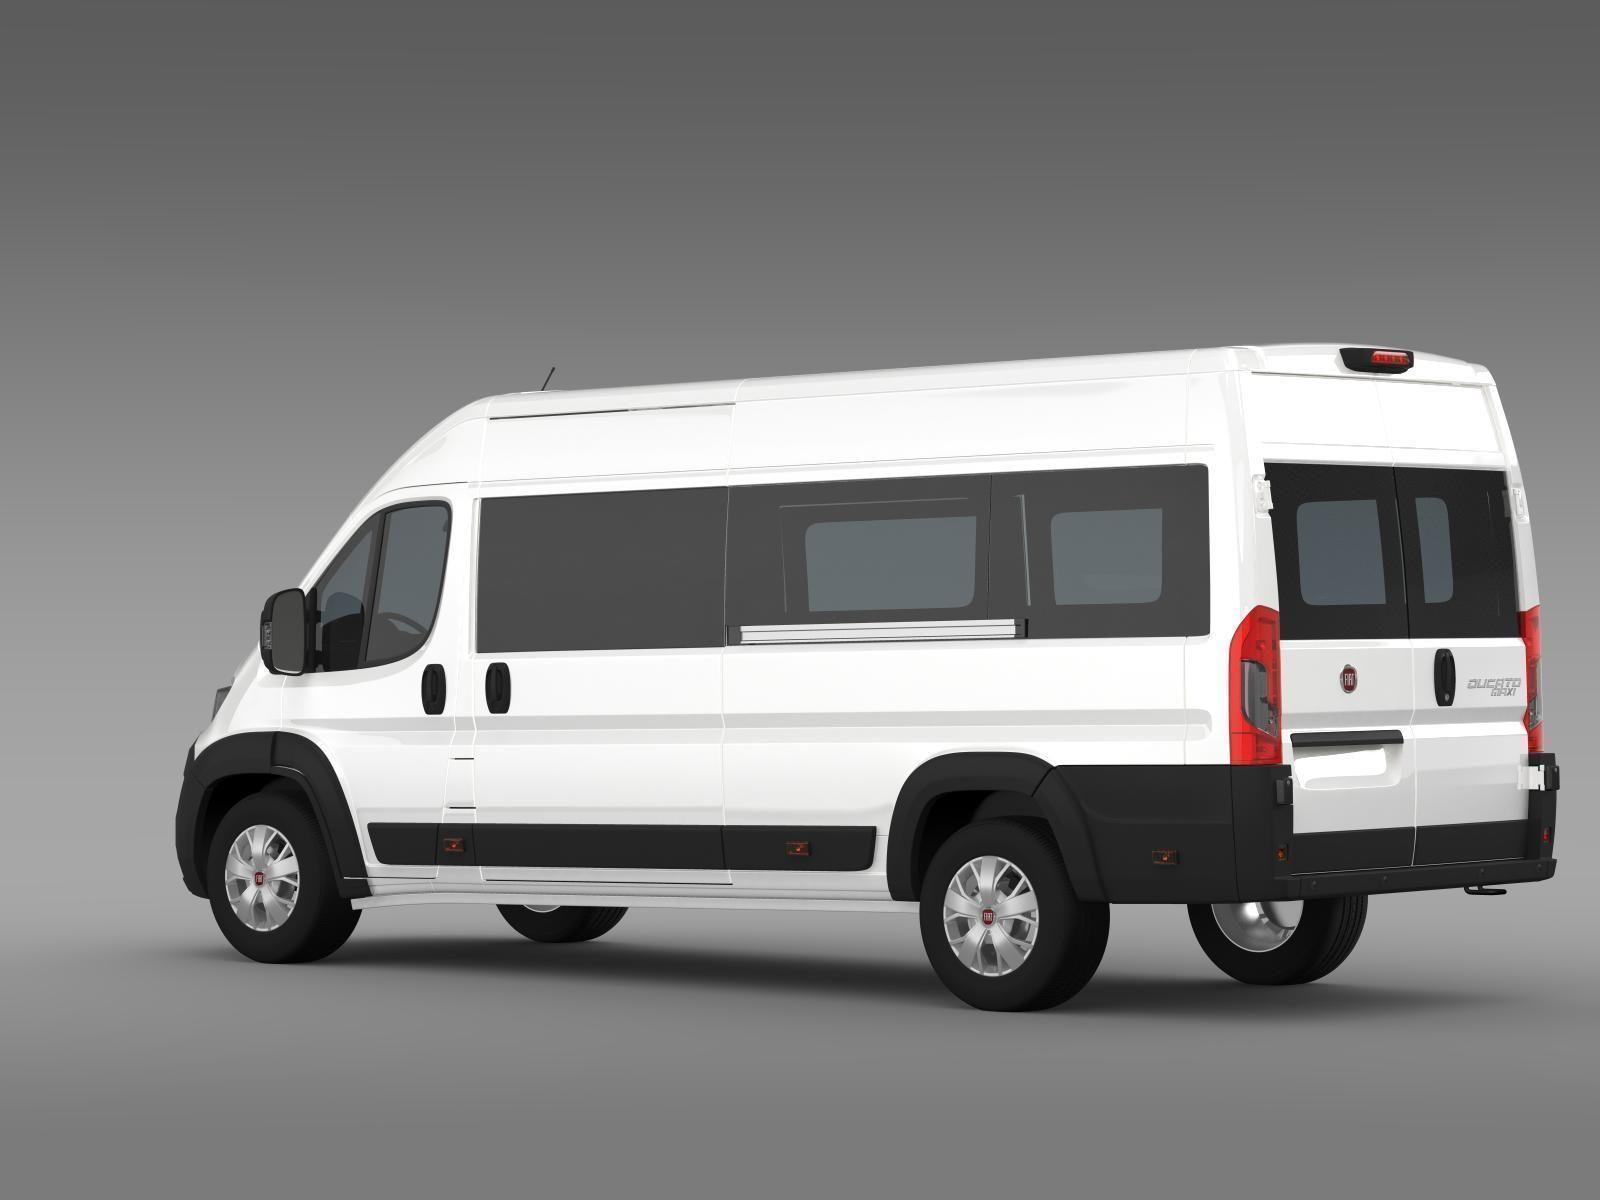 fiat ducato maxi minibus 2015 3d model max obj 3ds fbx c4d lwo lw lws. Black Bedroom Furniture Sets. Home Design Ideas